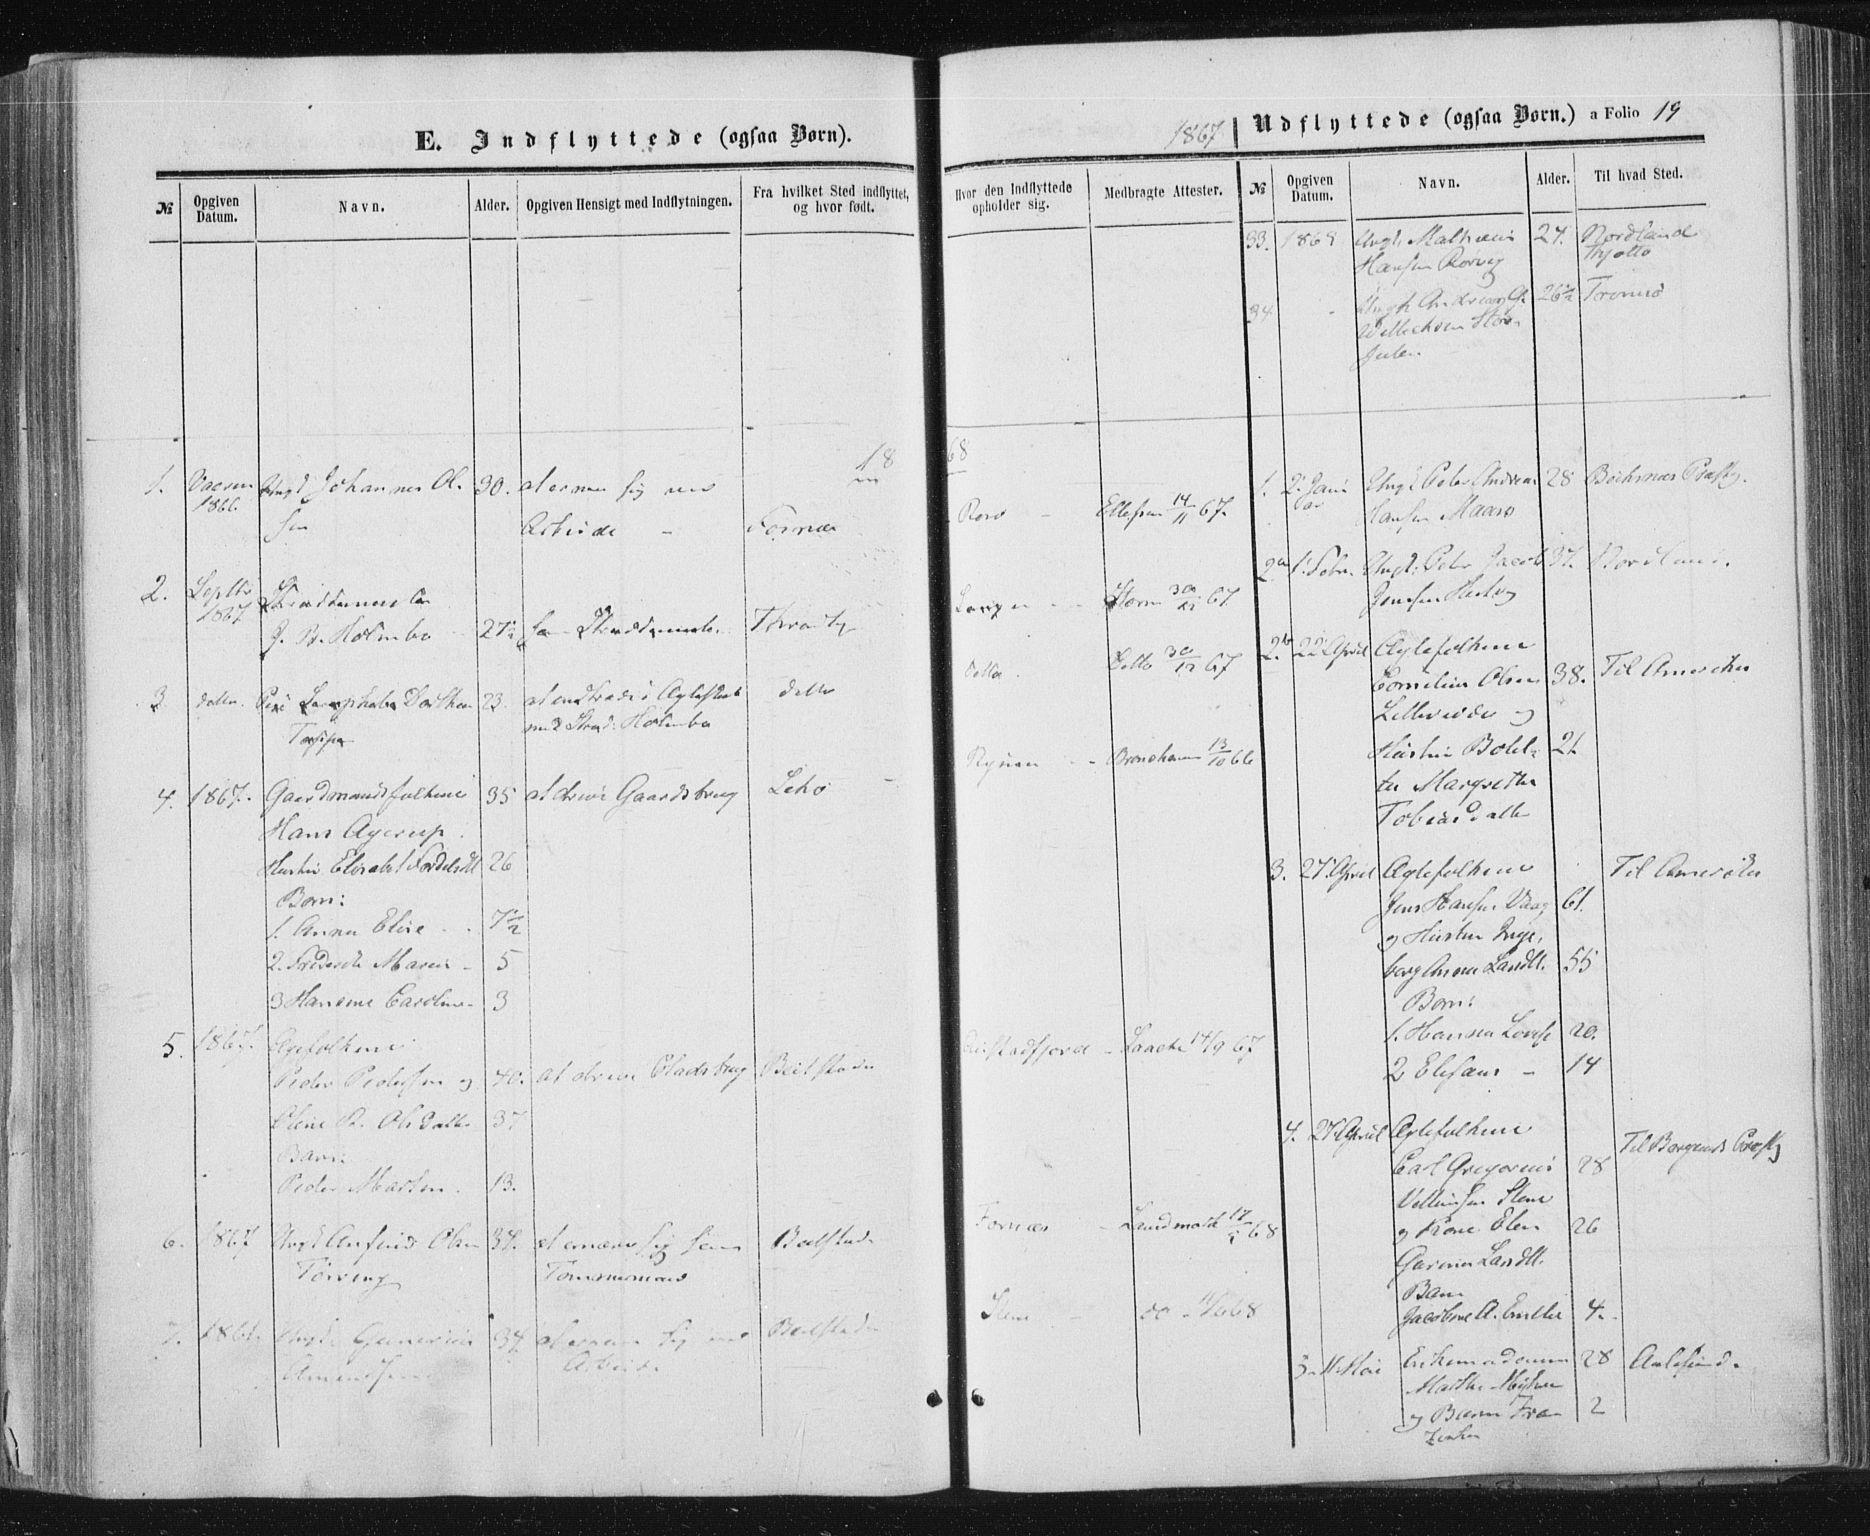 SAT, Ministerialprotokoller, klokkerbøker og fødselsregistre - Nord-Trøndelag, 784/L0670: Ministerialbok nr. 784A05, 1860-1876, s. 19